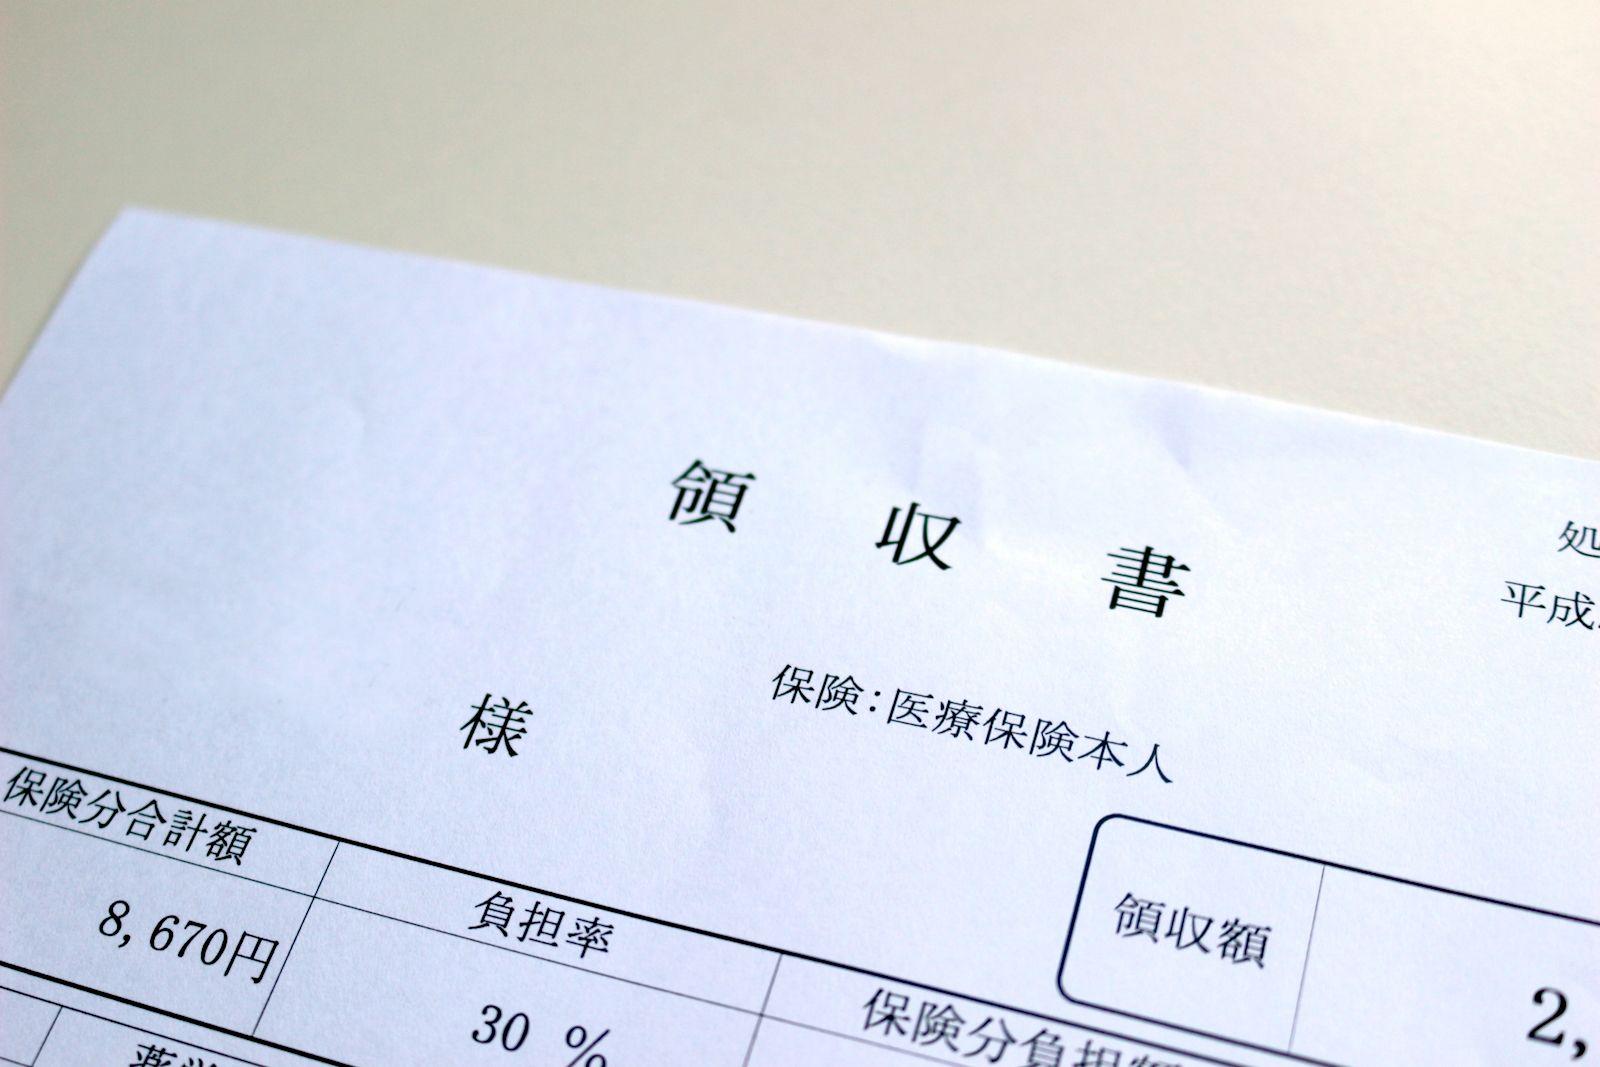 EC-CUBEマイページから見積書や領収書を発行する